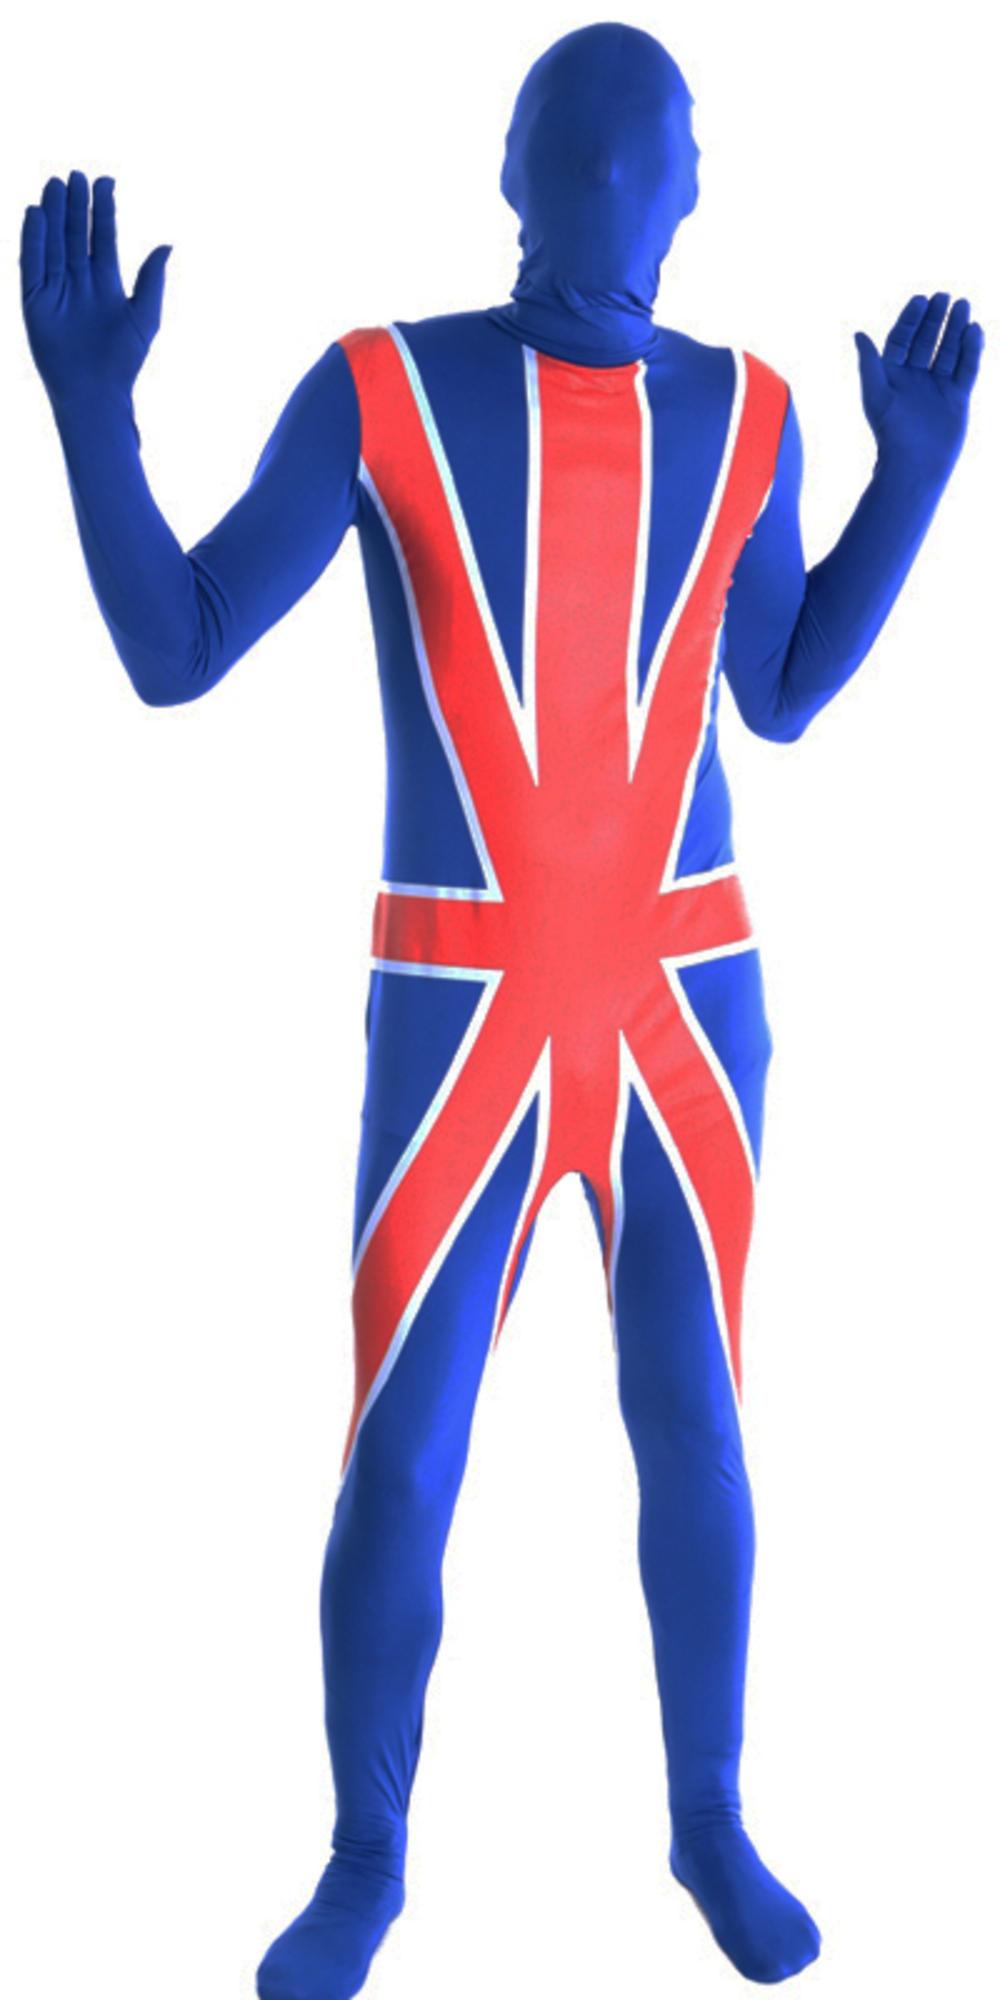 Olympics Team GB Union Jack British Themed Skinz Full Body ...